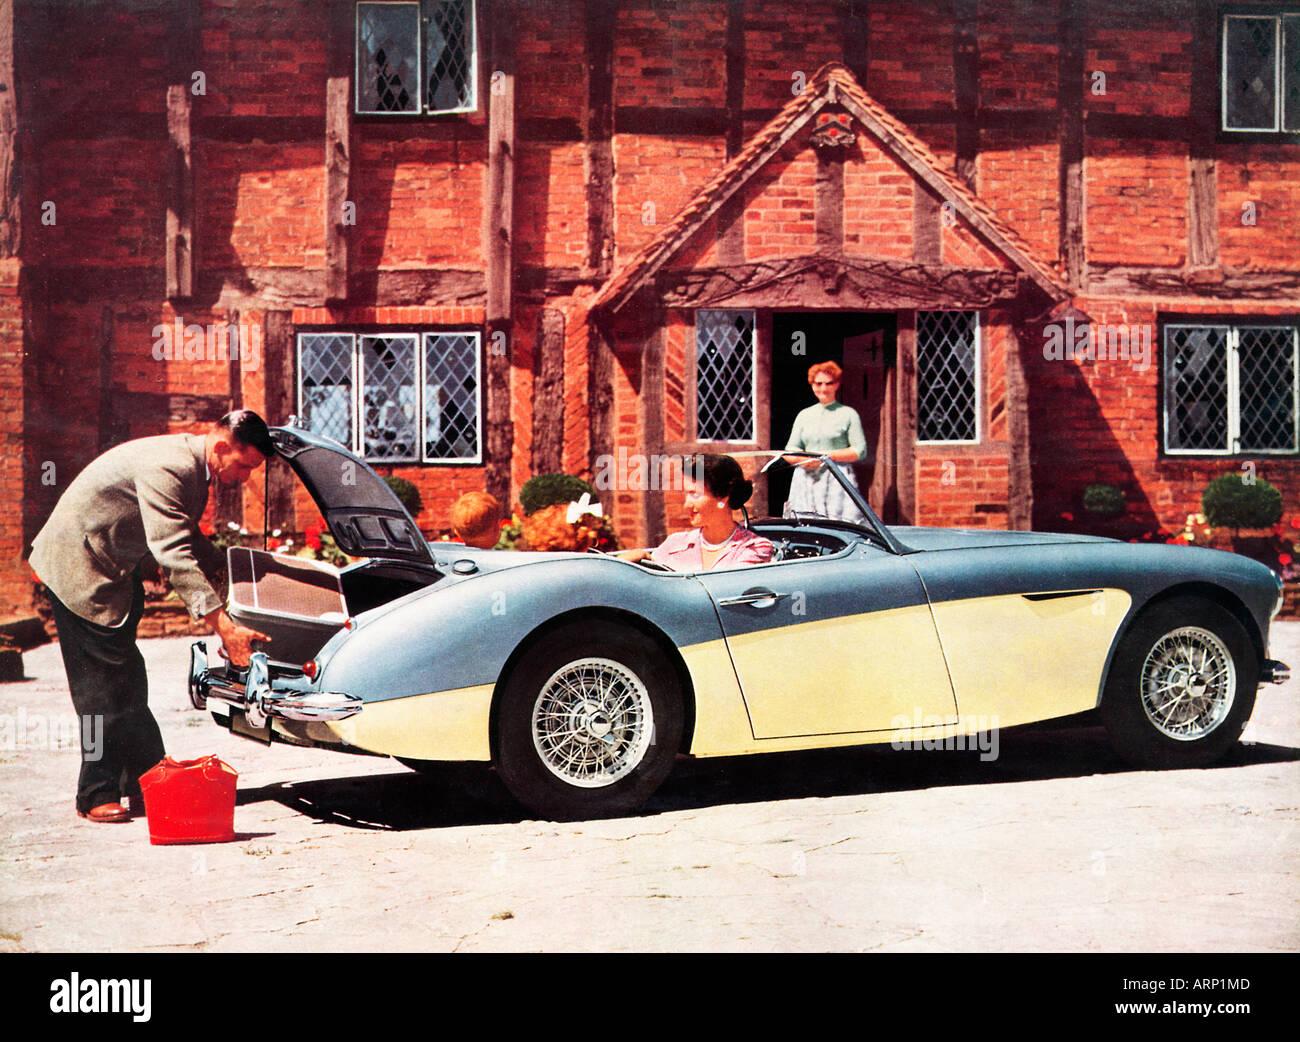 Austin Healey 100 sechs 1957 Broschüre Foto des Modells klassischen Sportwagen mit Platz für die ganze Stockbild